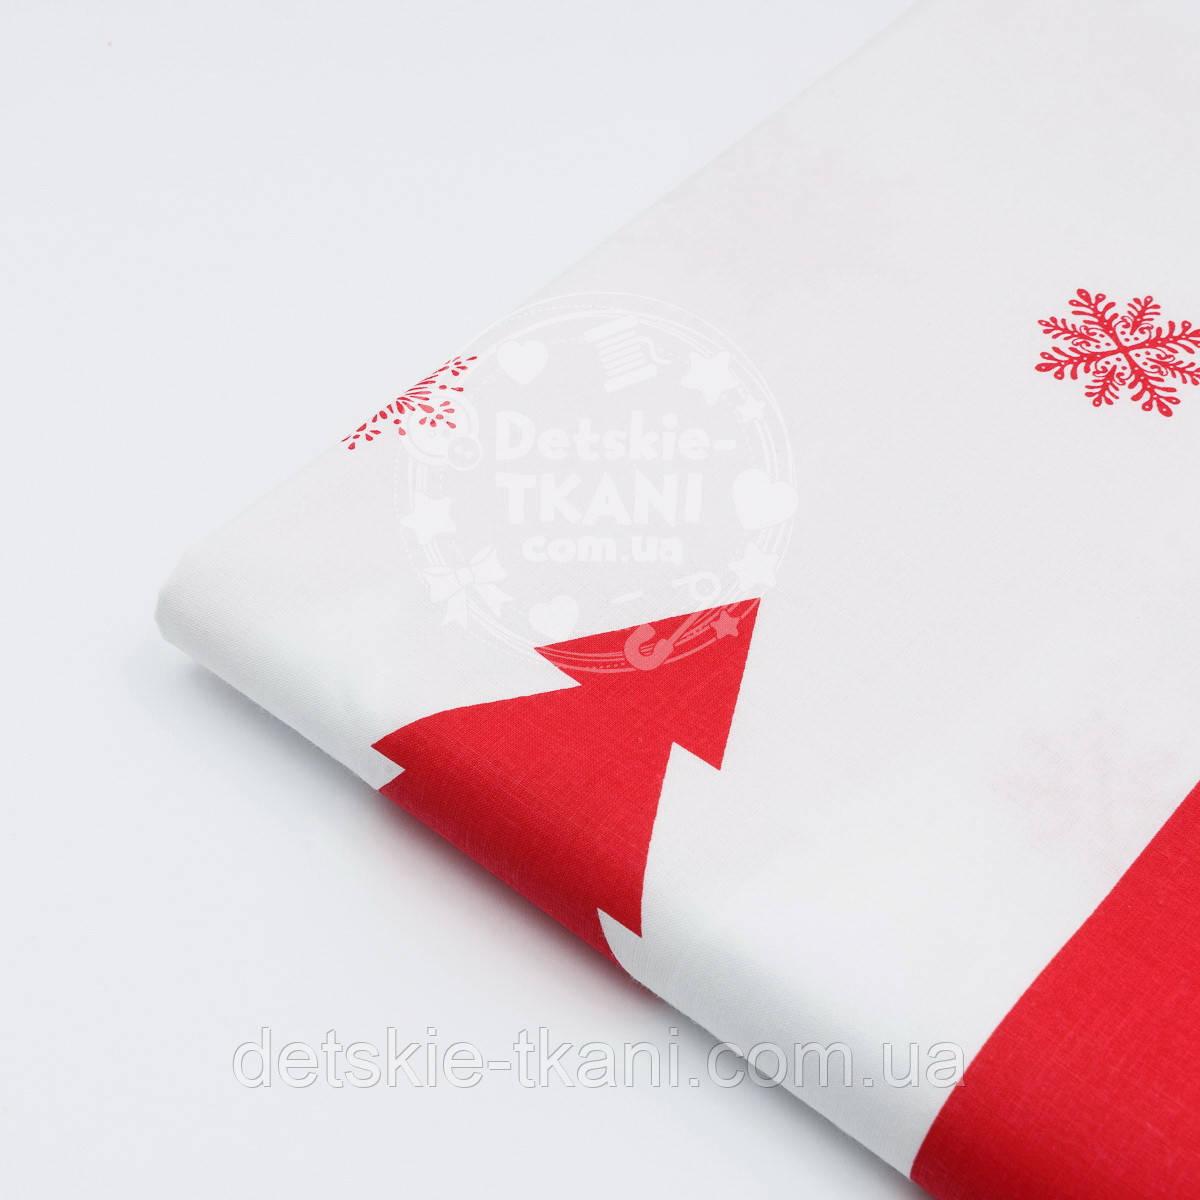 """Отрез ткани с широким купоном """"Ёлки и олени"""" на красном фоне,  № 949"""